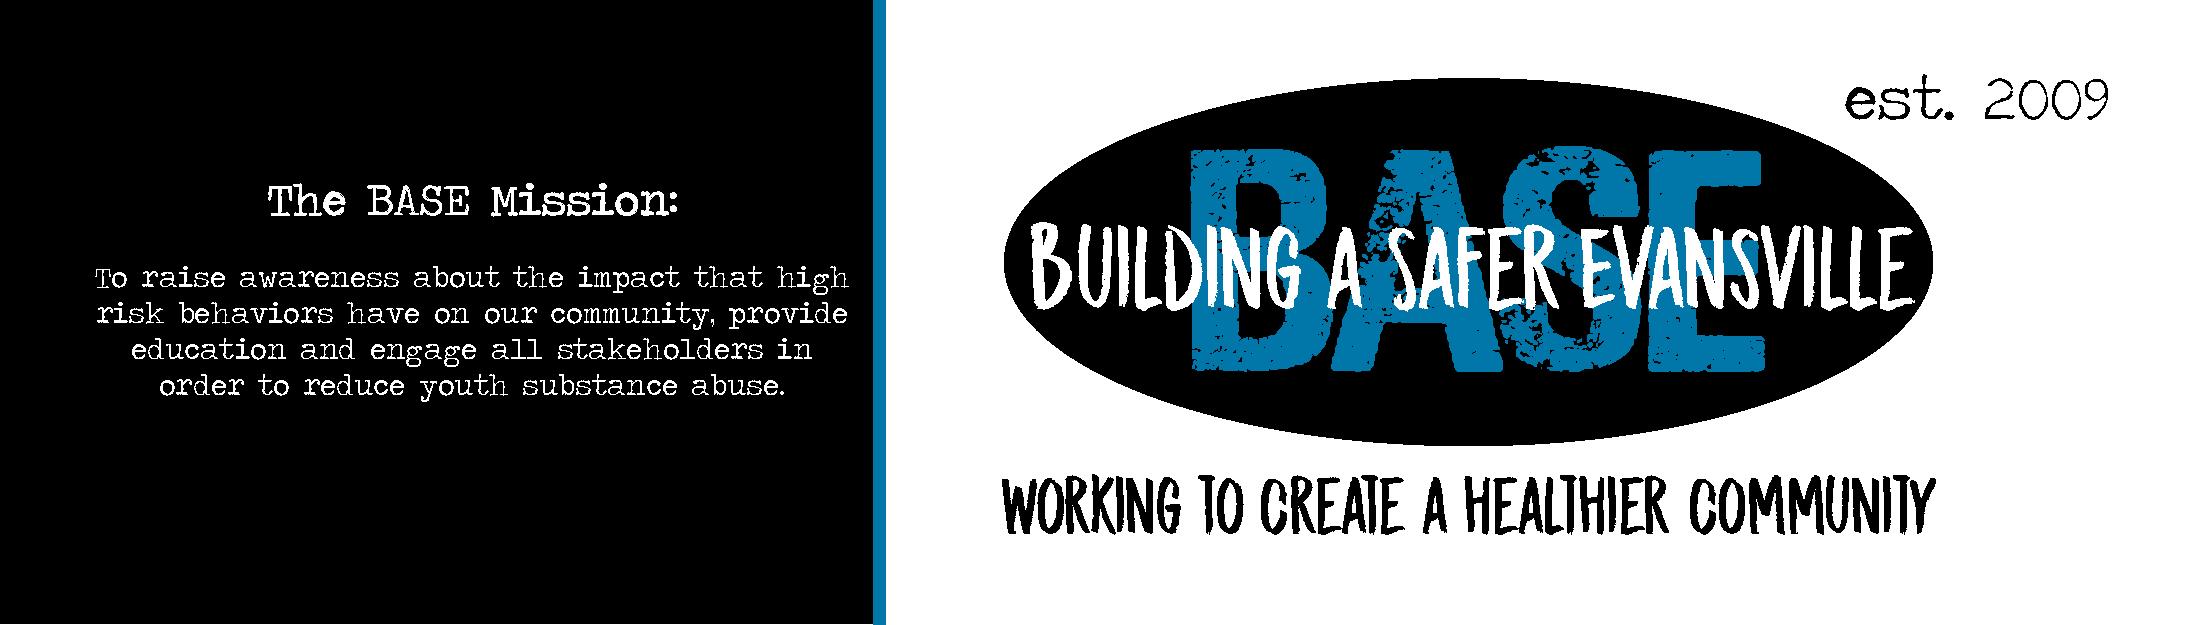 Building A Safer Evansville, Inc.